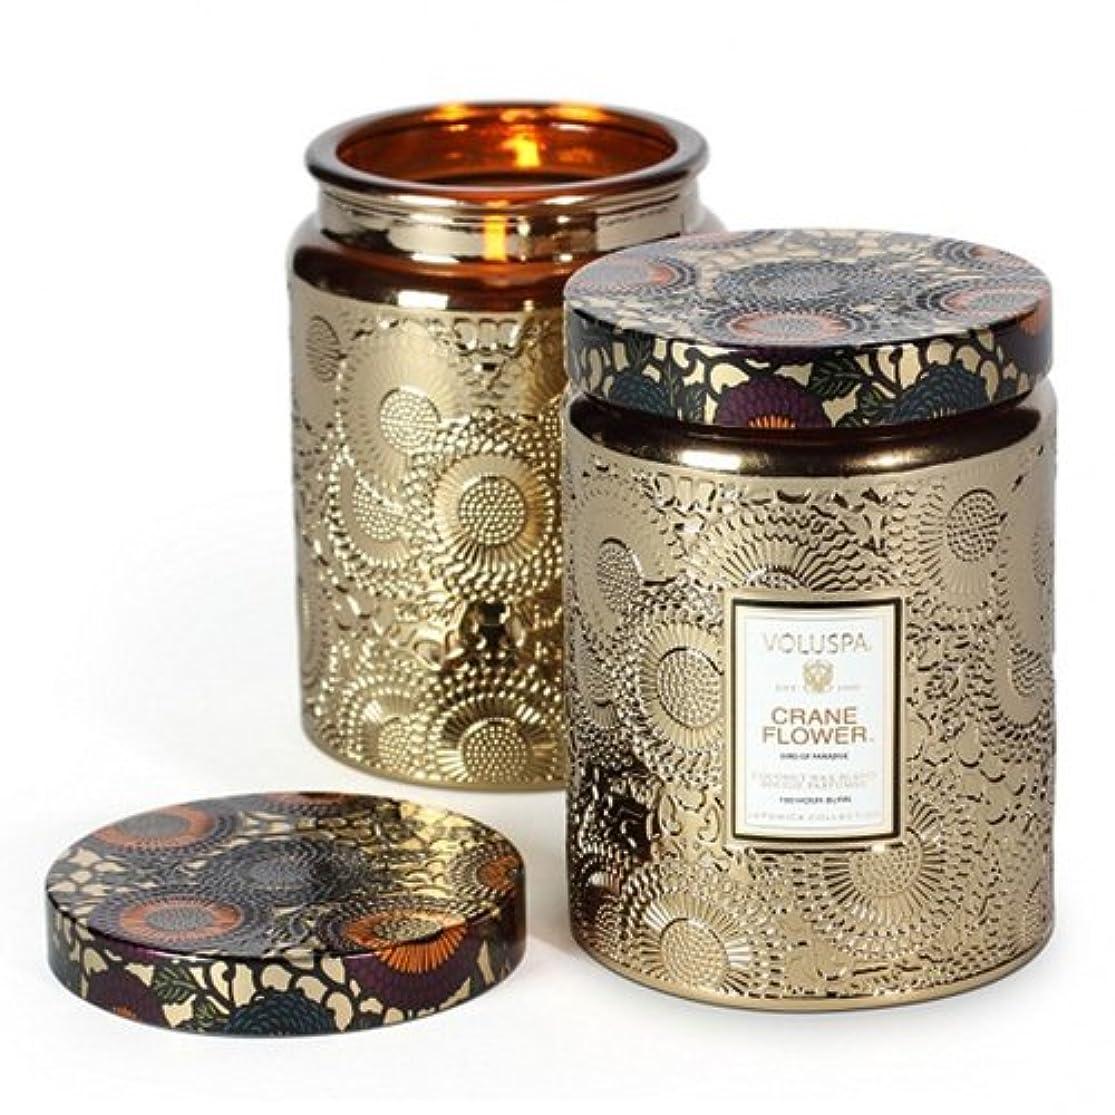 本気食堂接触Voluspa ボルスパ ジャポニカ グラスジャーキャンドル L クレーンフラワー JAPONICA Glass jar candle CRANE FLOWER